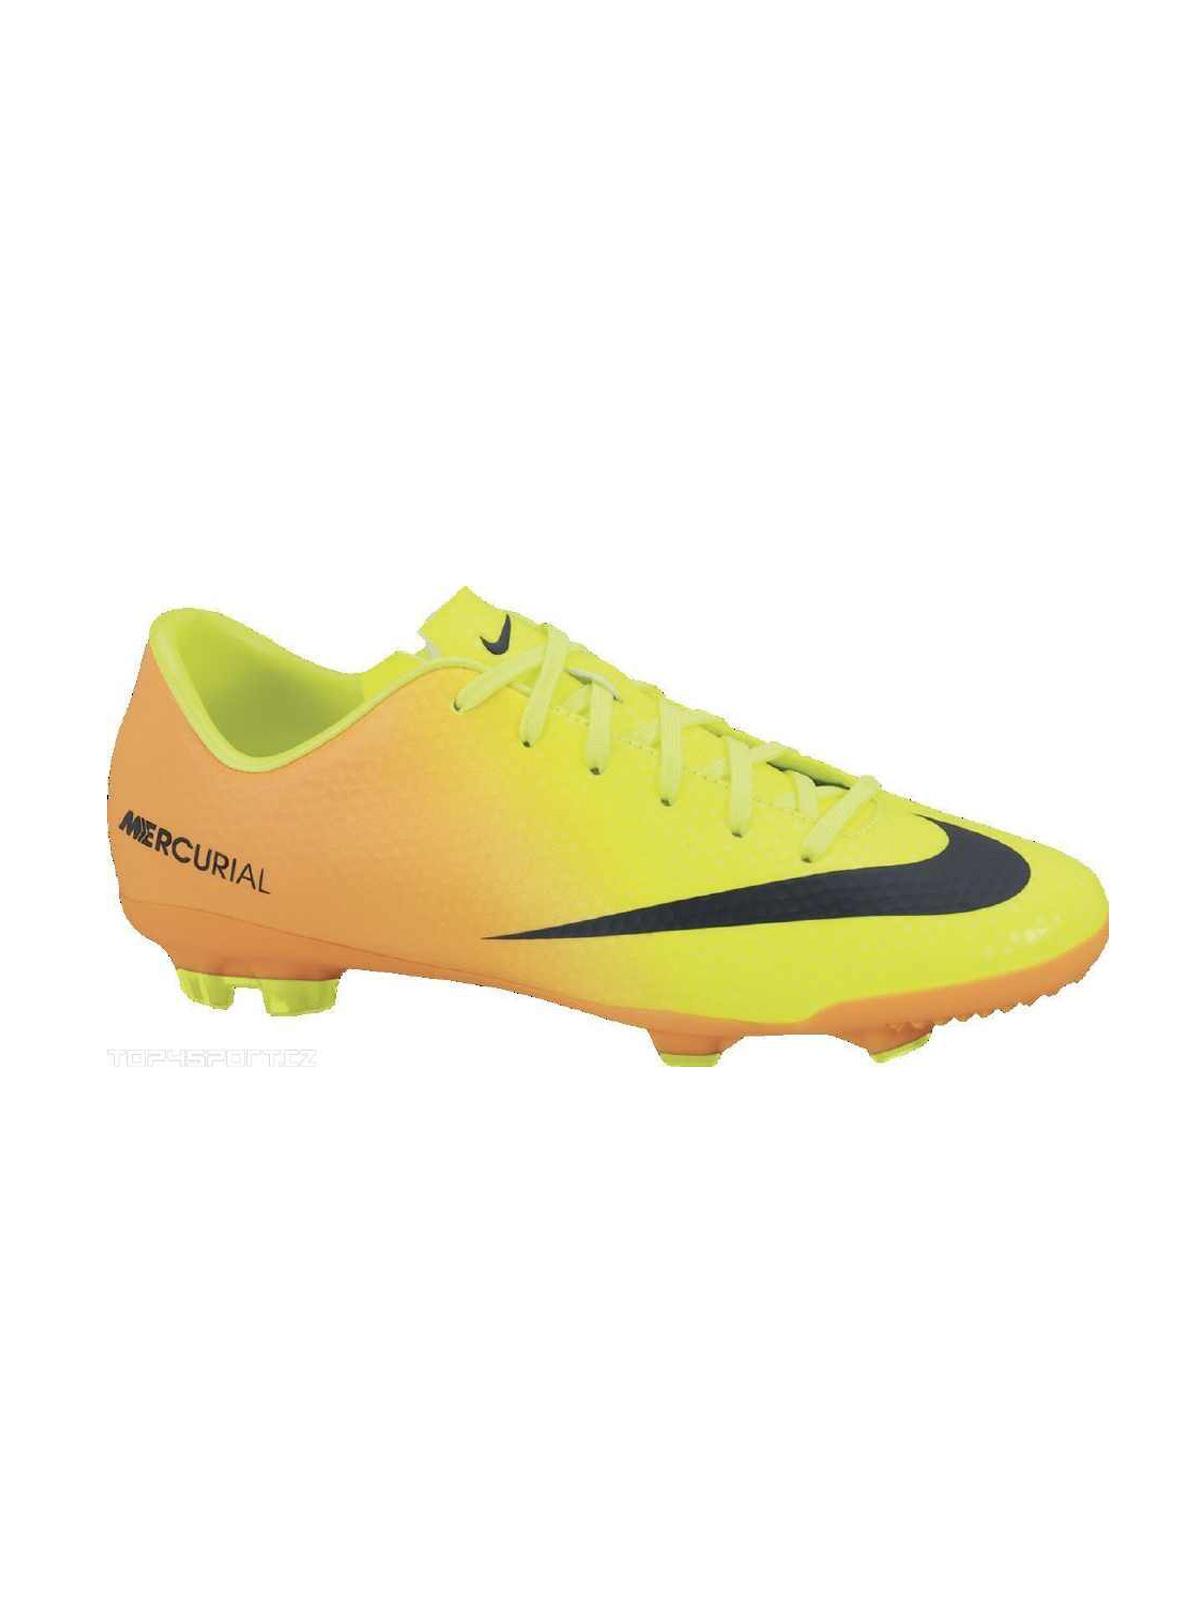 A buon mercato NIKE MERCURIAL scarpe calcio 555632708